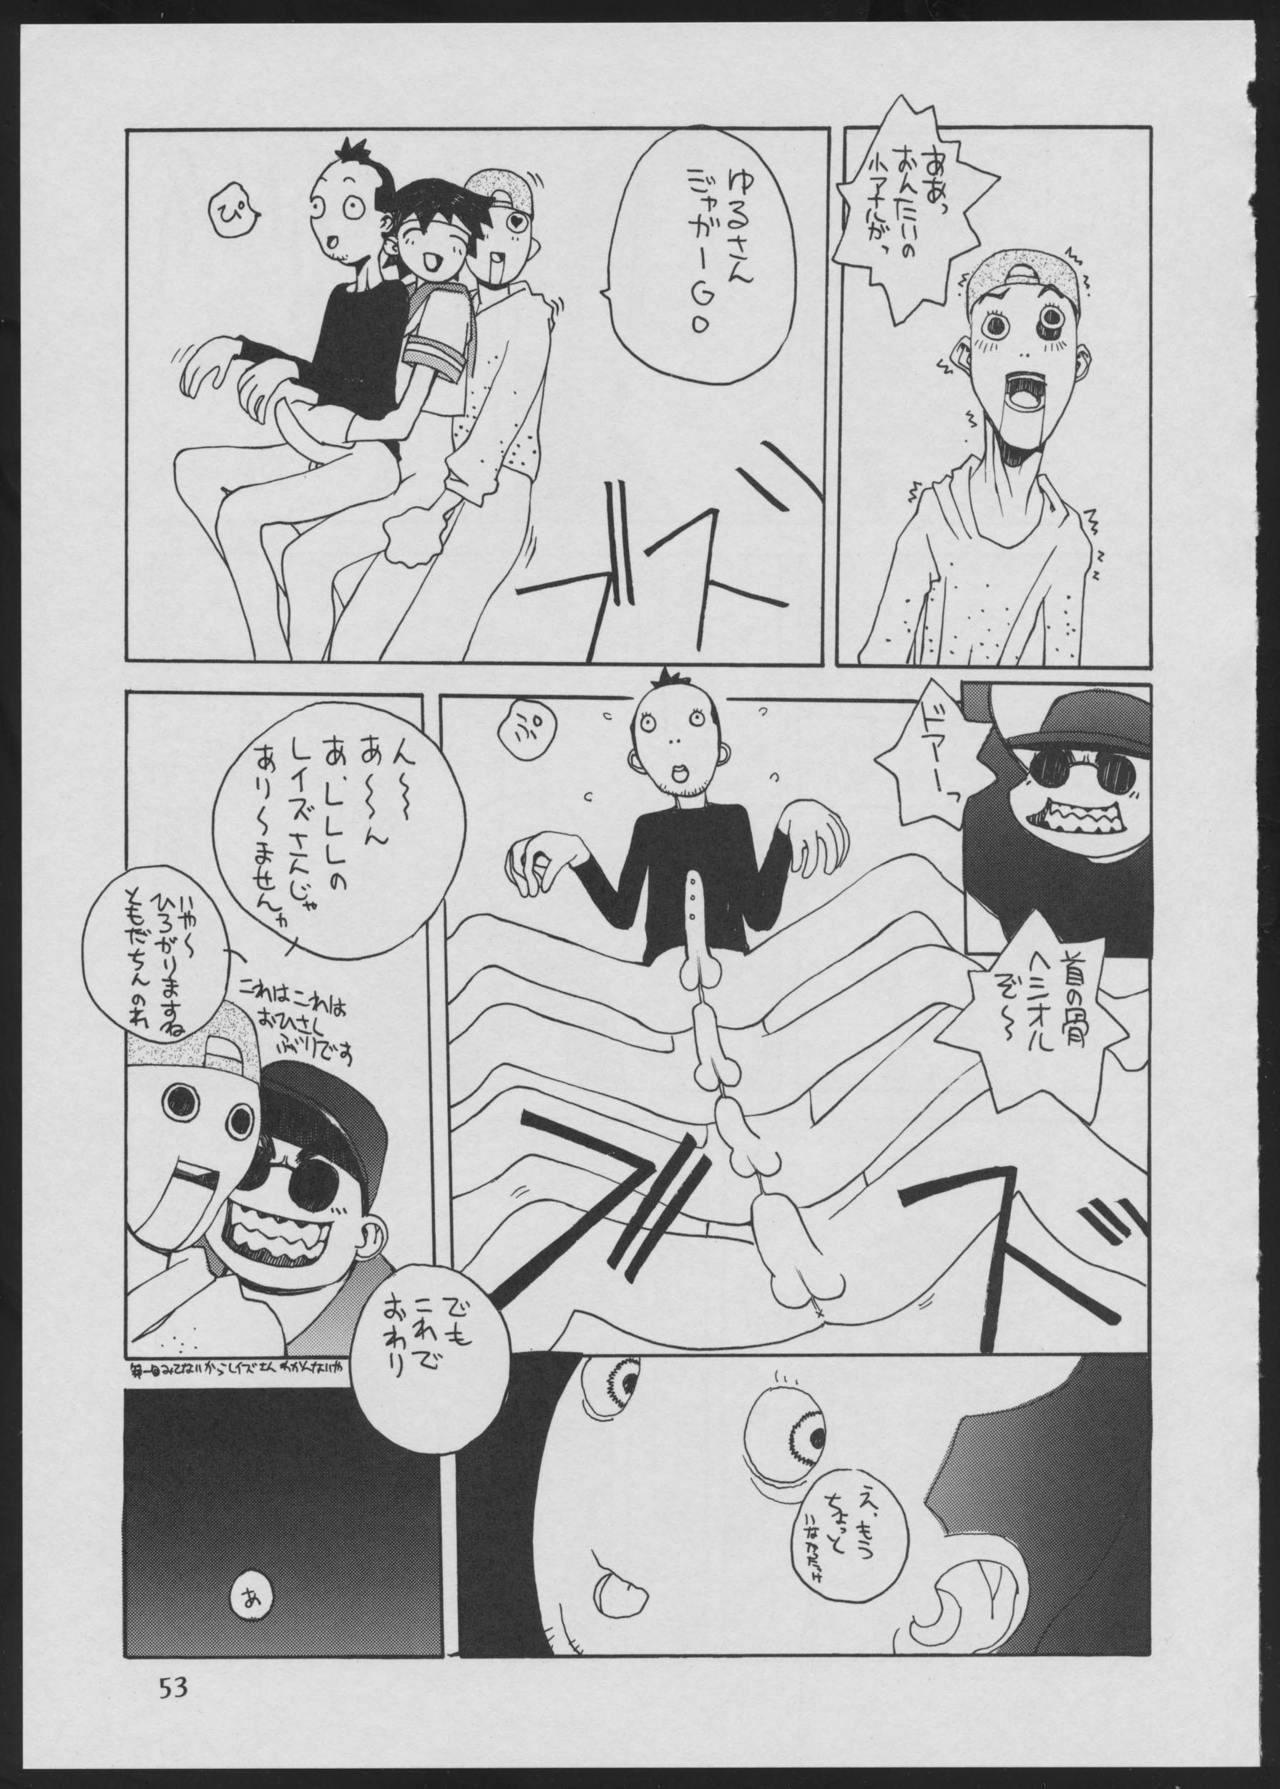 '96 Natsu no Game 18-kin Special 52